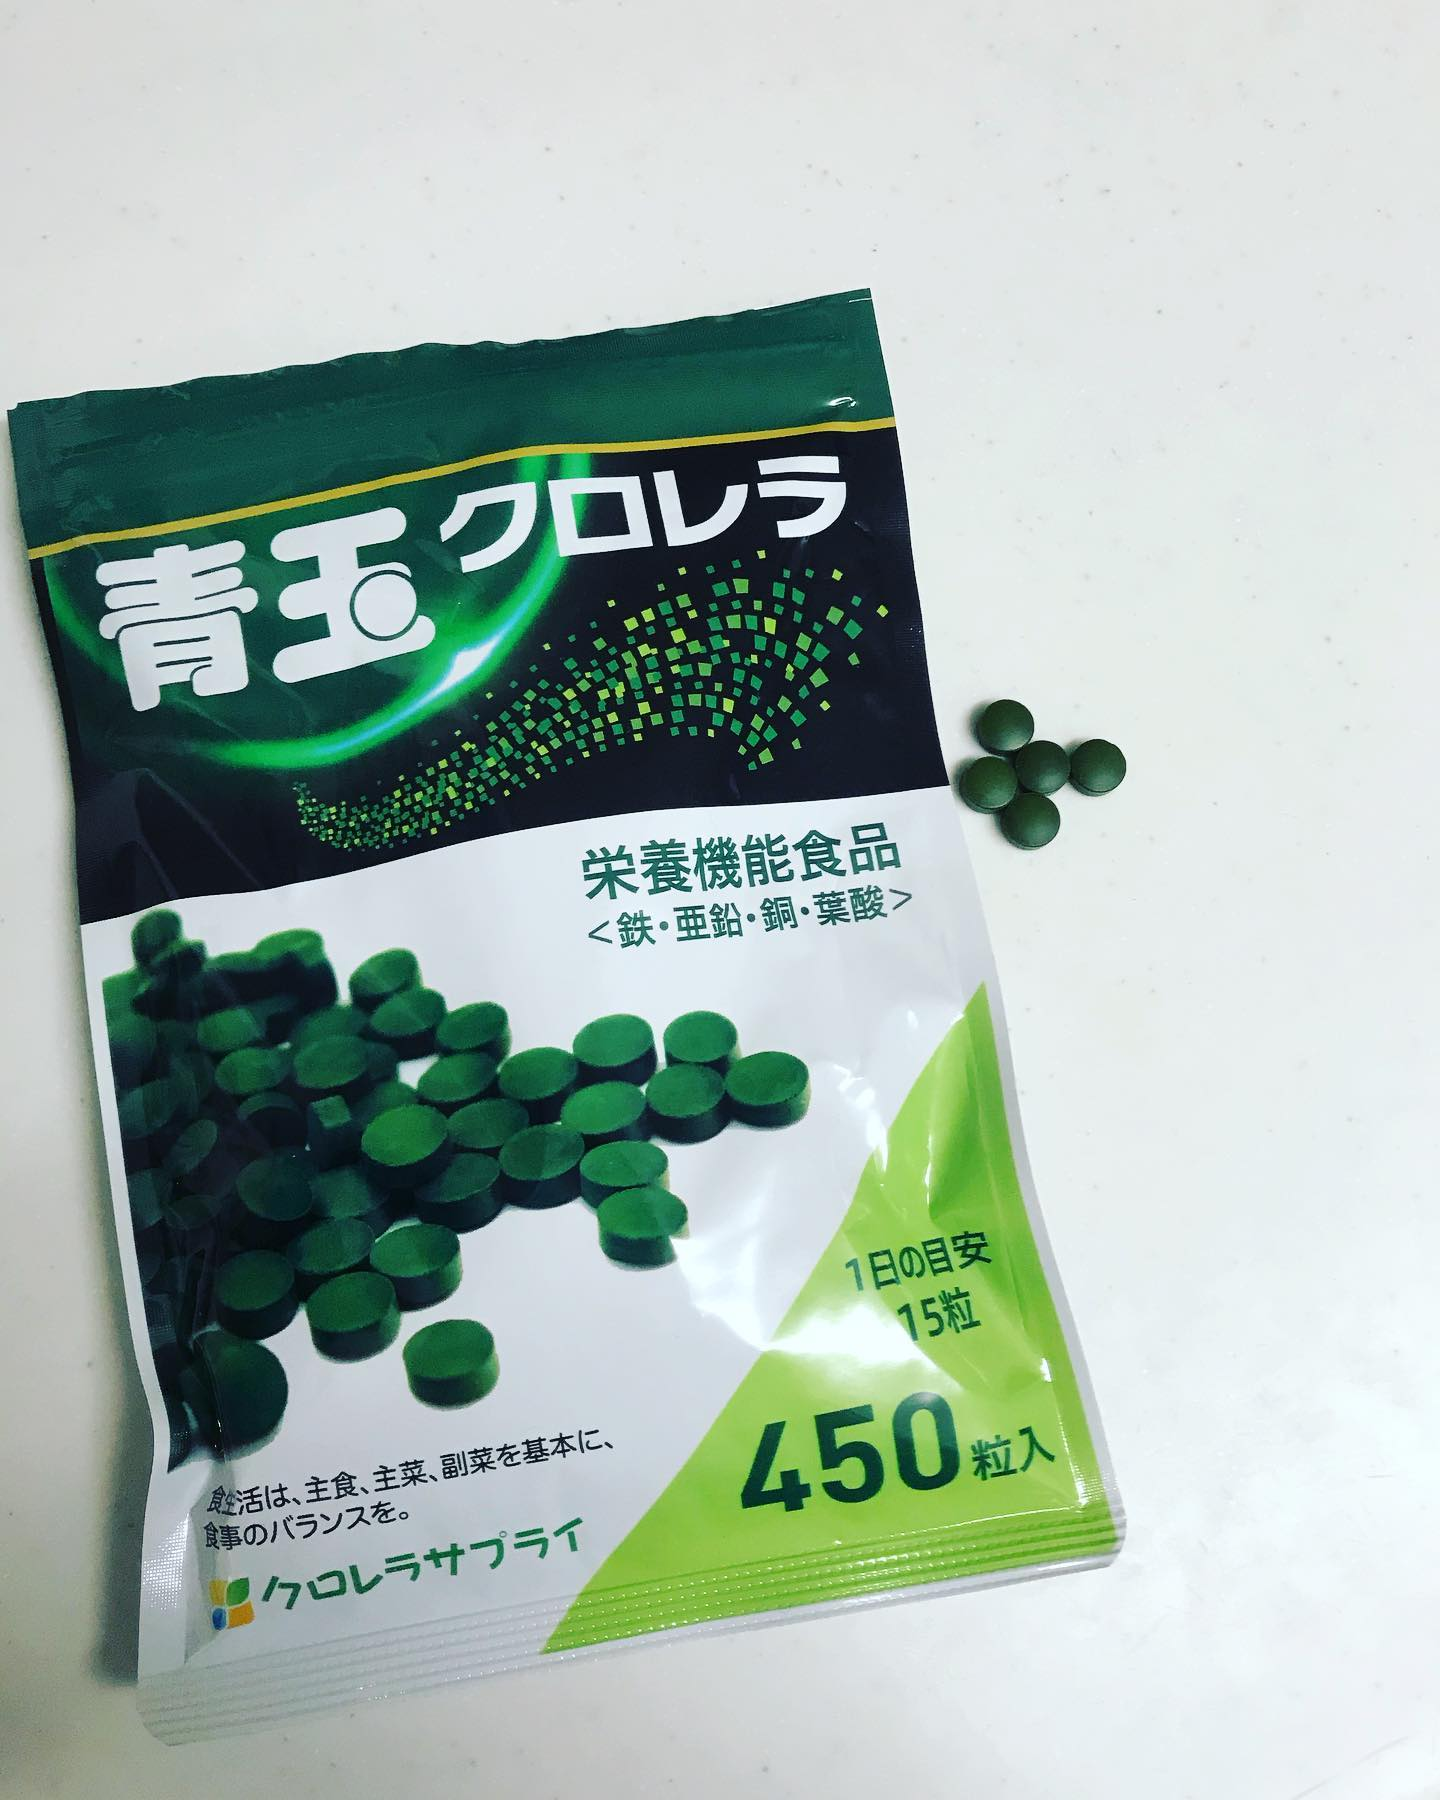 口コミ投稿:*以前も飲んでいたサプリ🎶..株式会社クロレラサプライさんの、【青玉クロレラ (450…